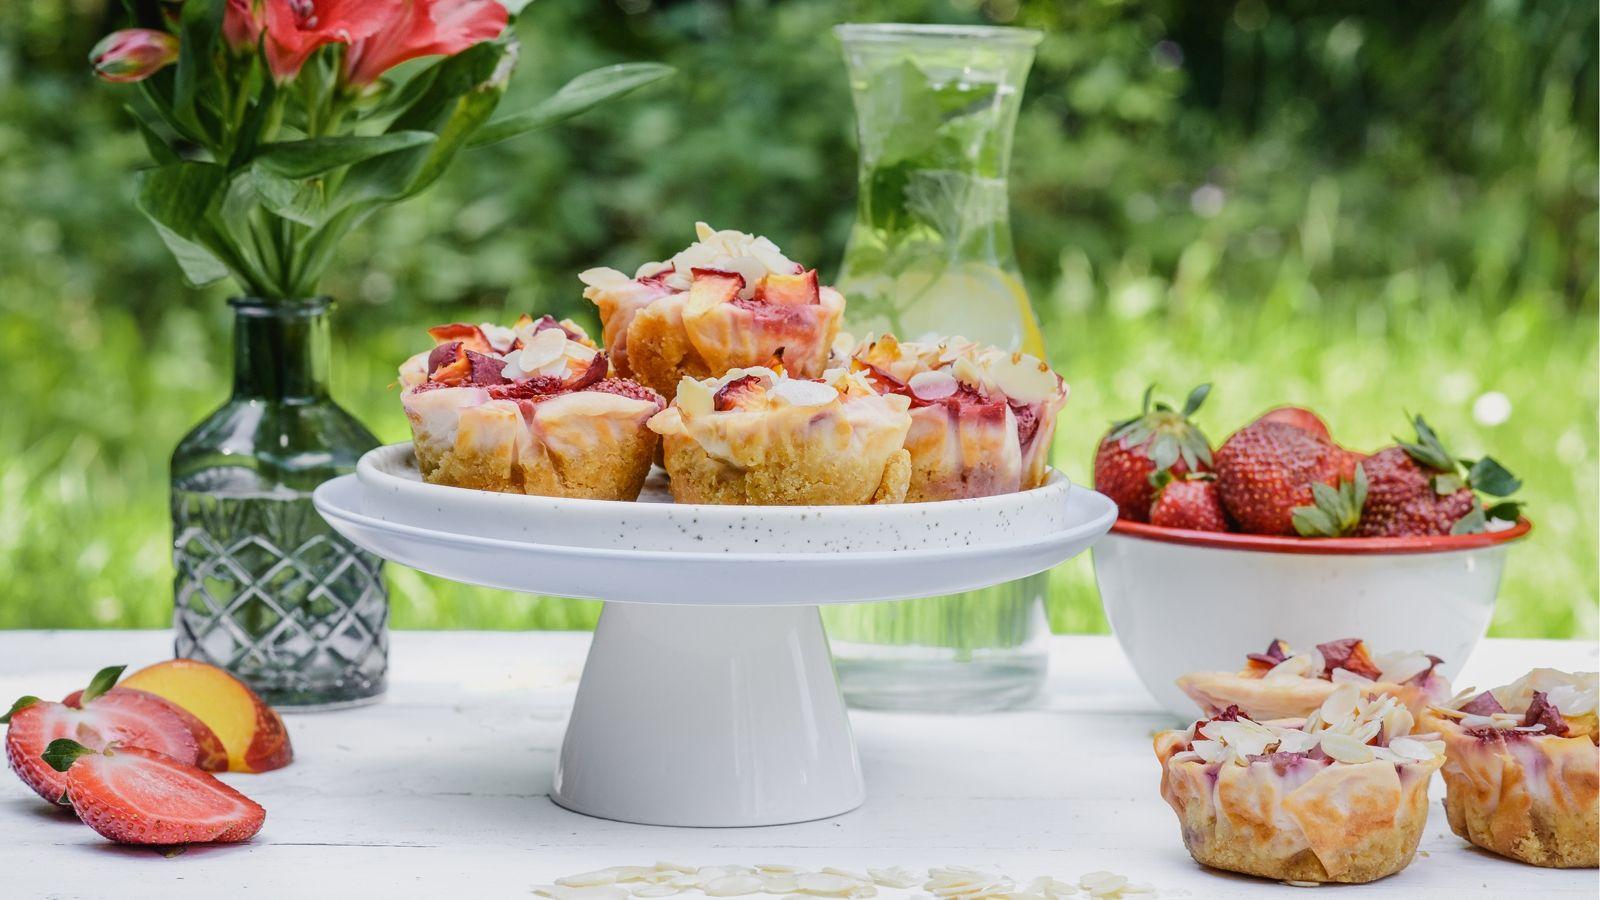 Mini serniczki z truskawkami, nektarynkami i kruszonką migdałową